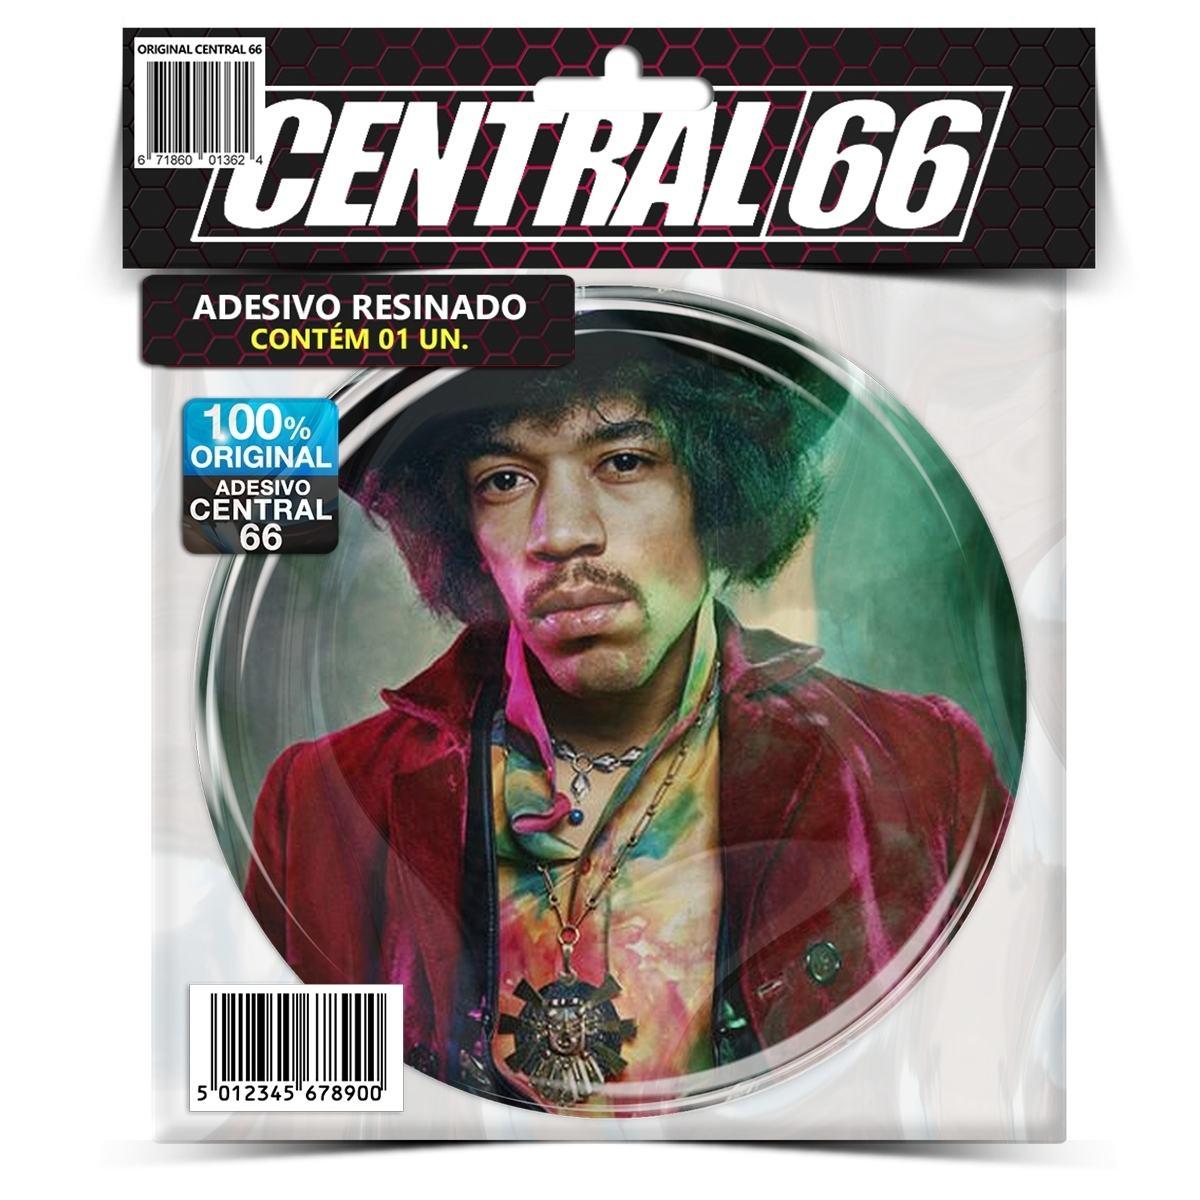 Adesivo Redondo Jimi Hendrix M02 – Central 66